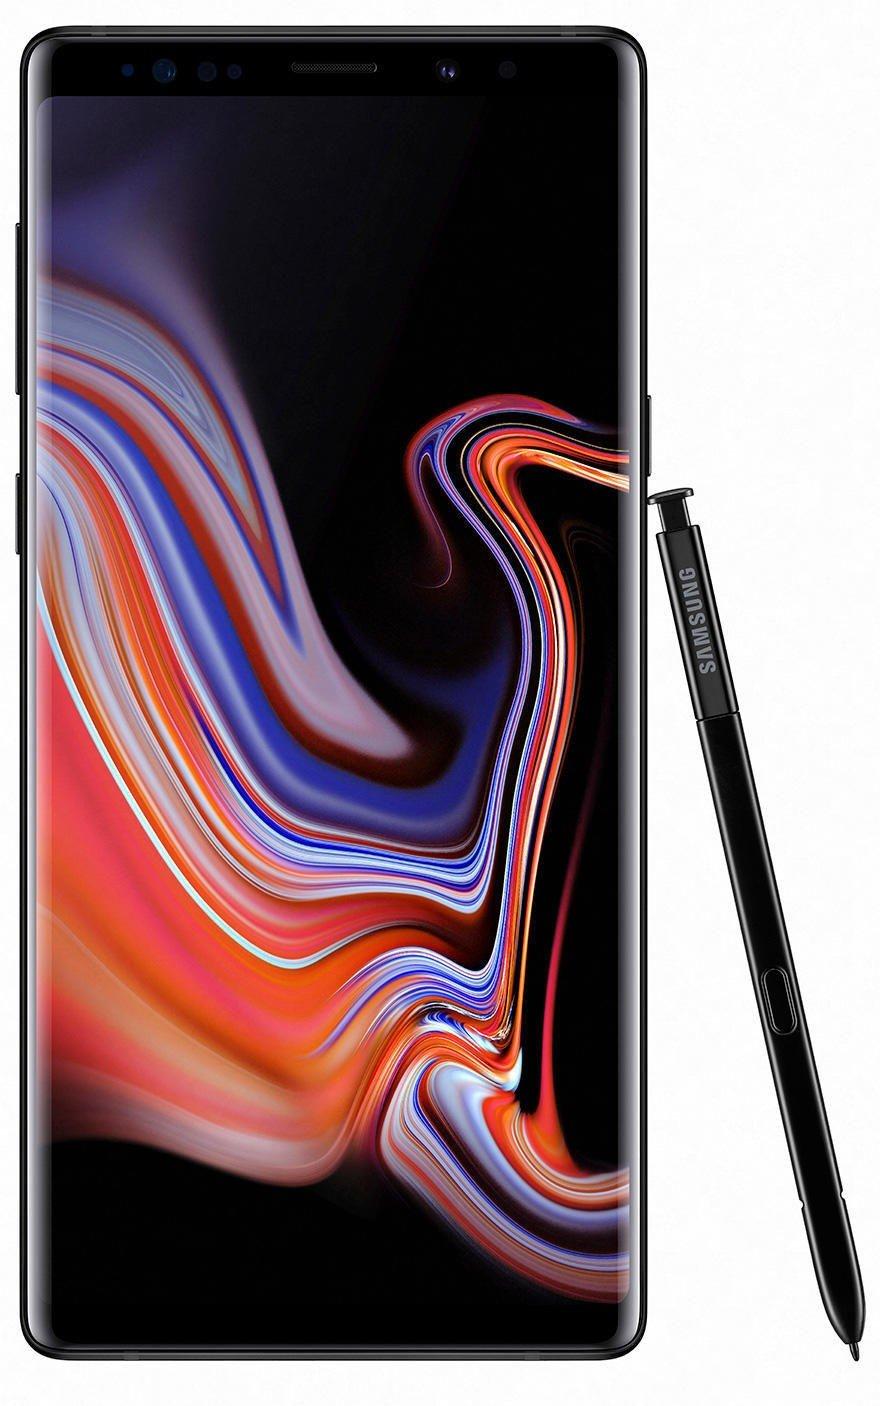 1e240ce1 Men etter å ha brukt telefonen en stund, er det åpenbart at Samsung har har  satset på det som fungerer - ikke de irriterende tingene andre gjør.